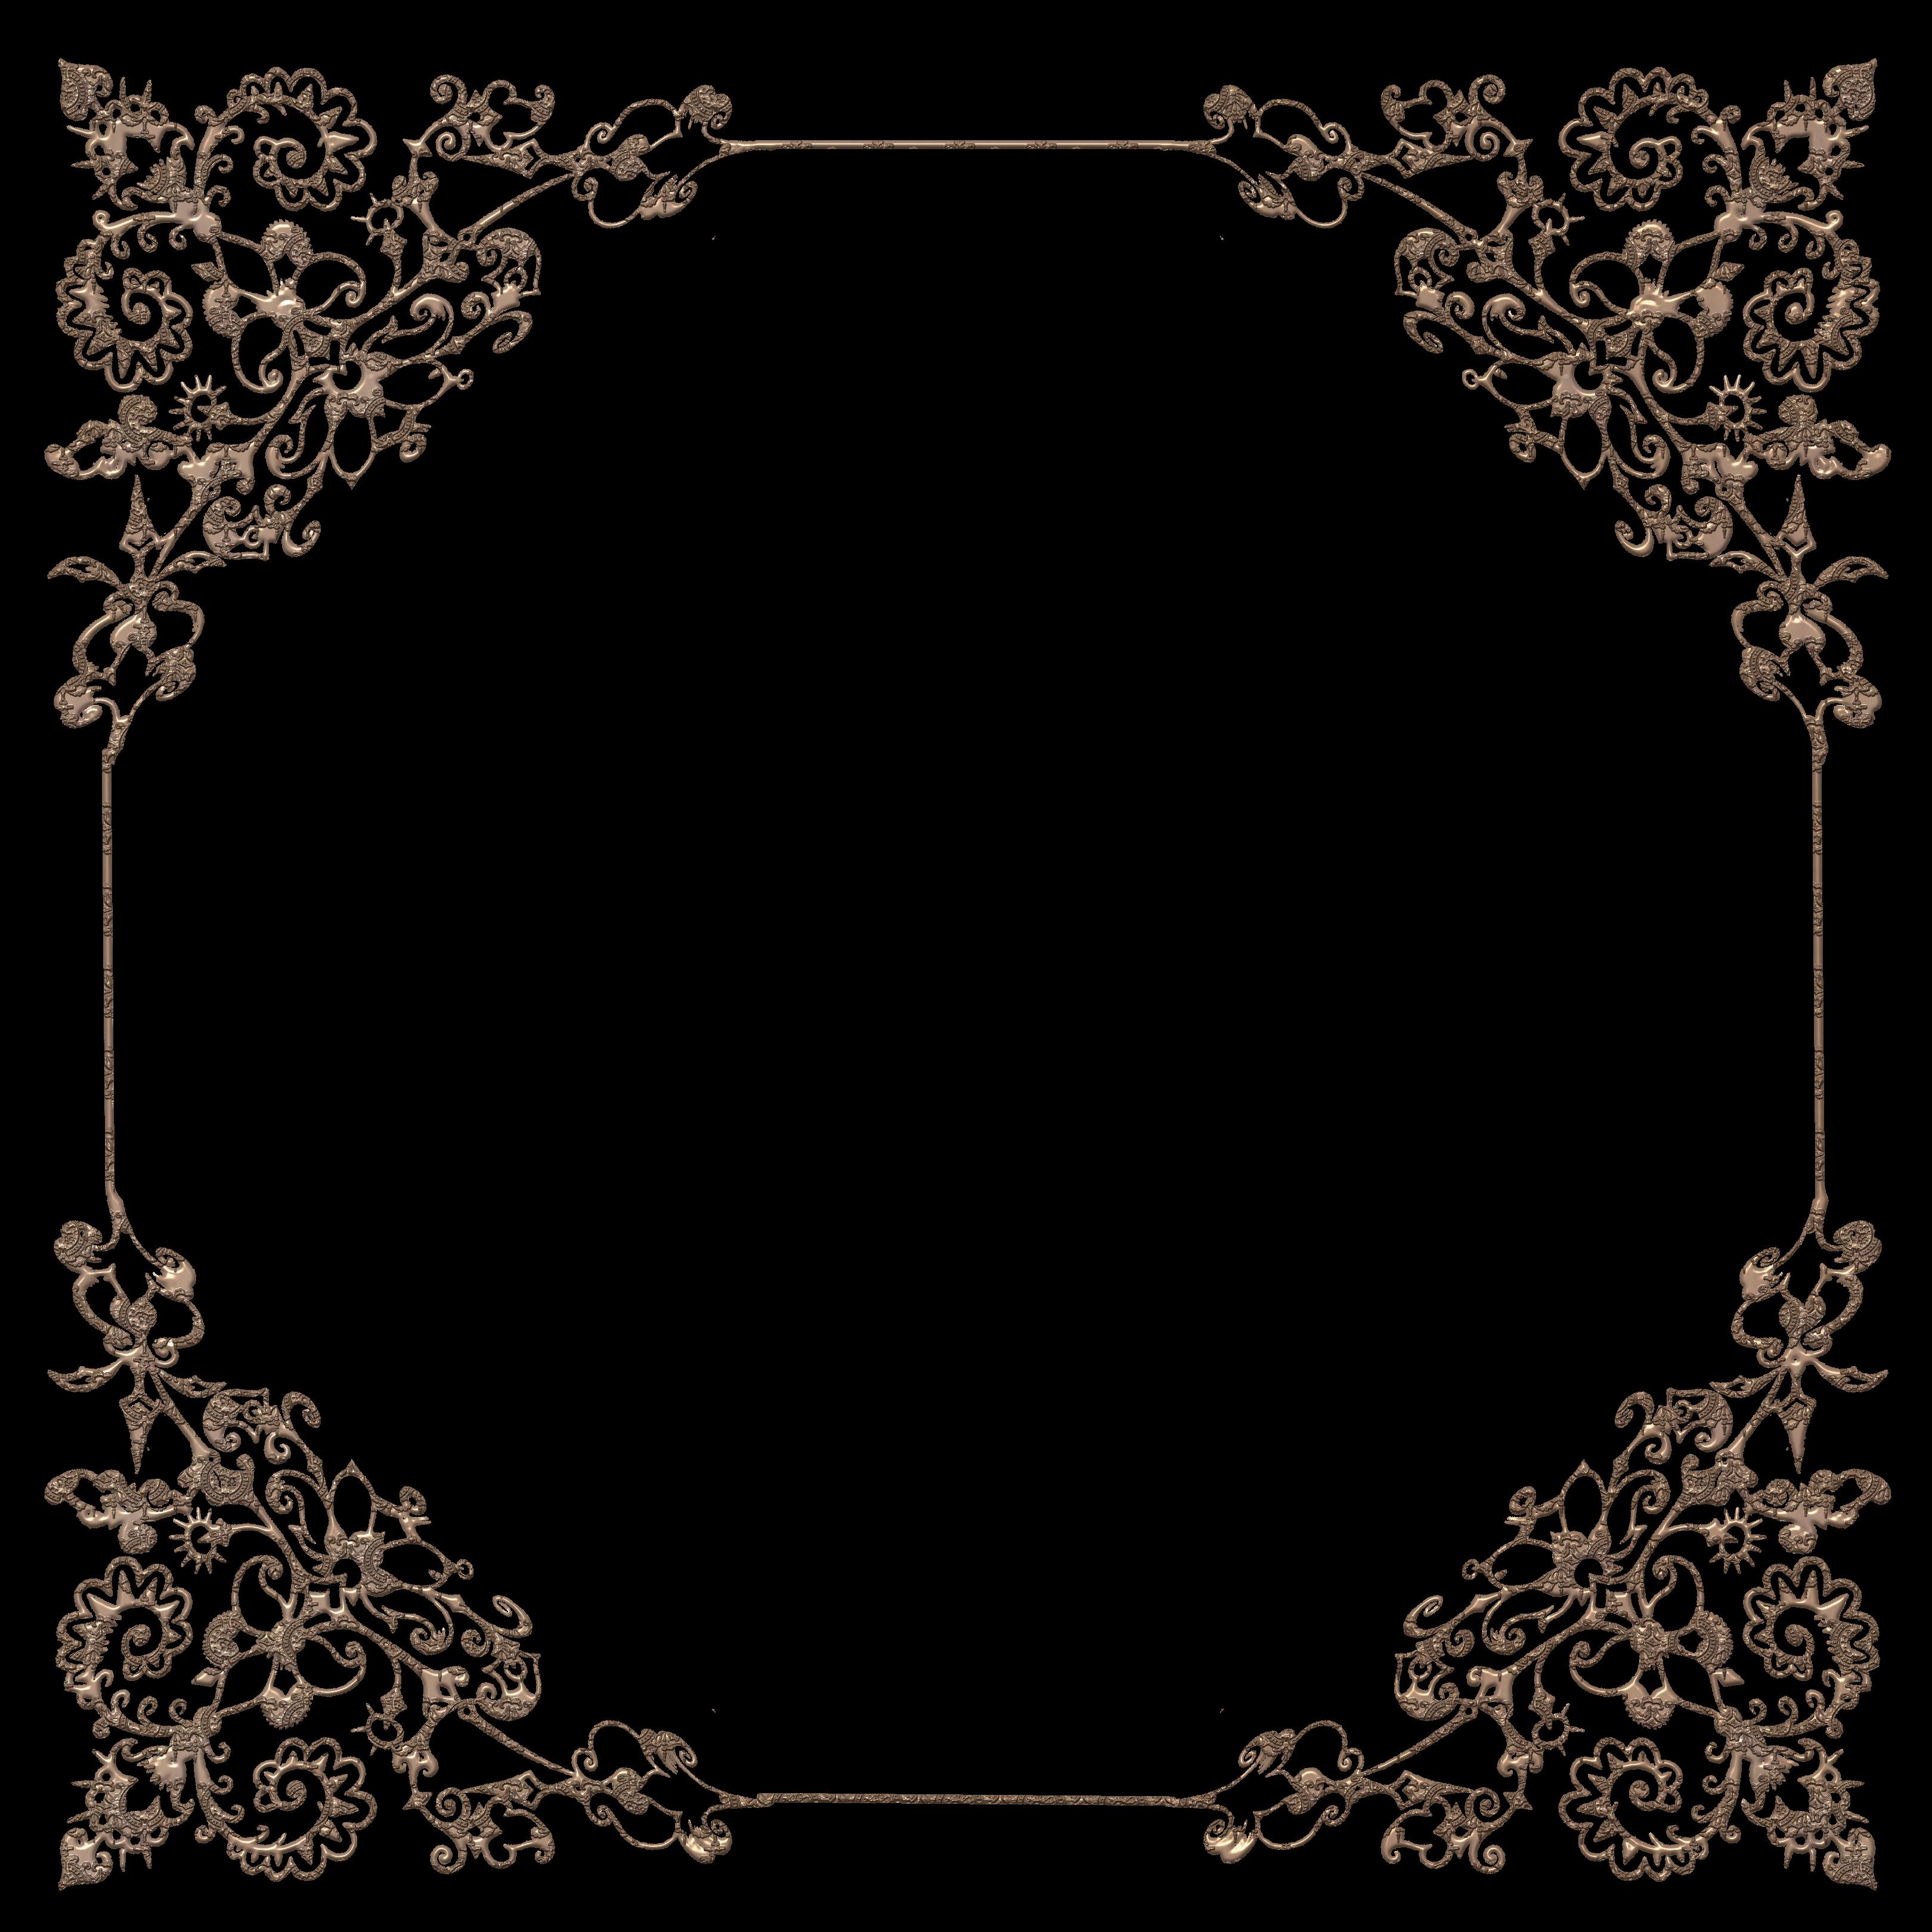 новым рамки для поздравлений кружево фото деревянный